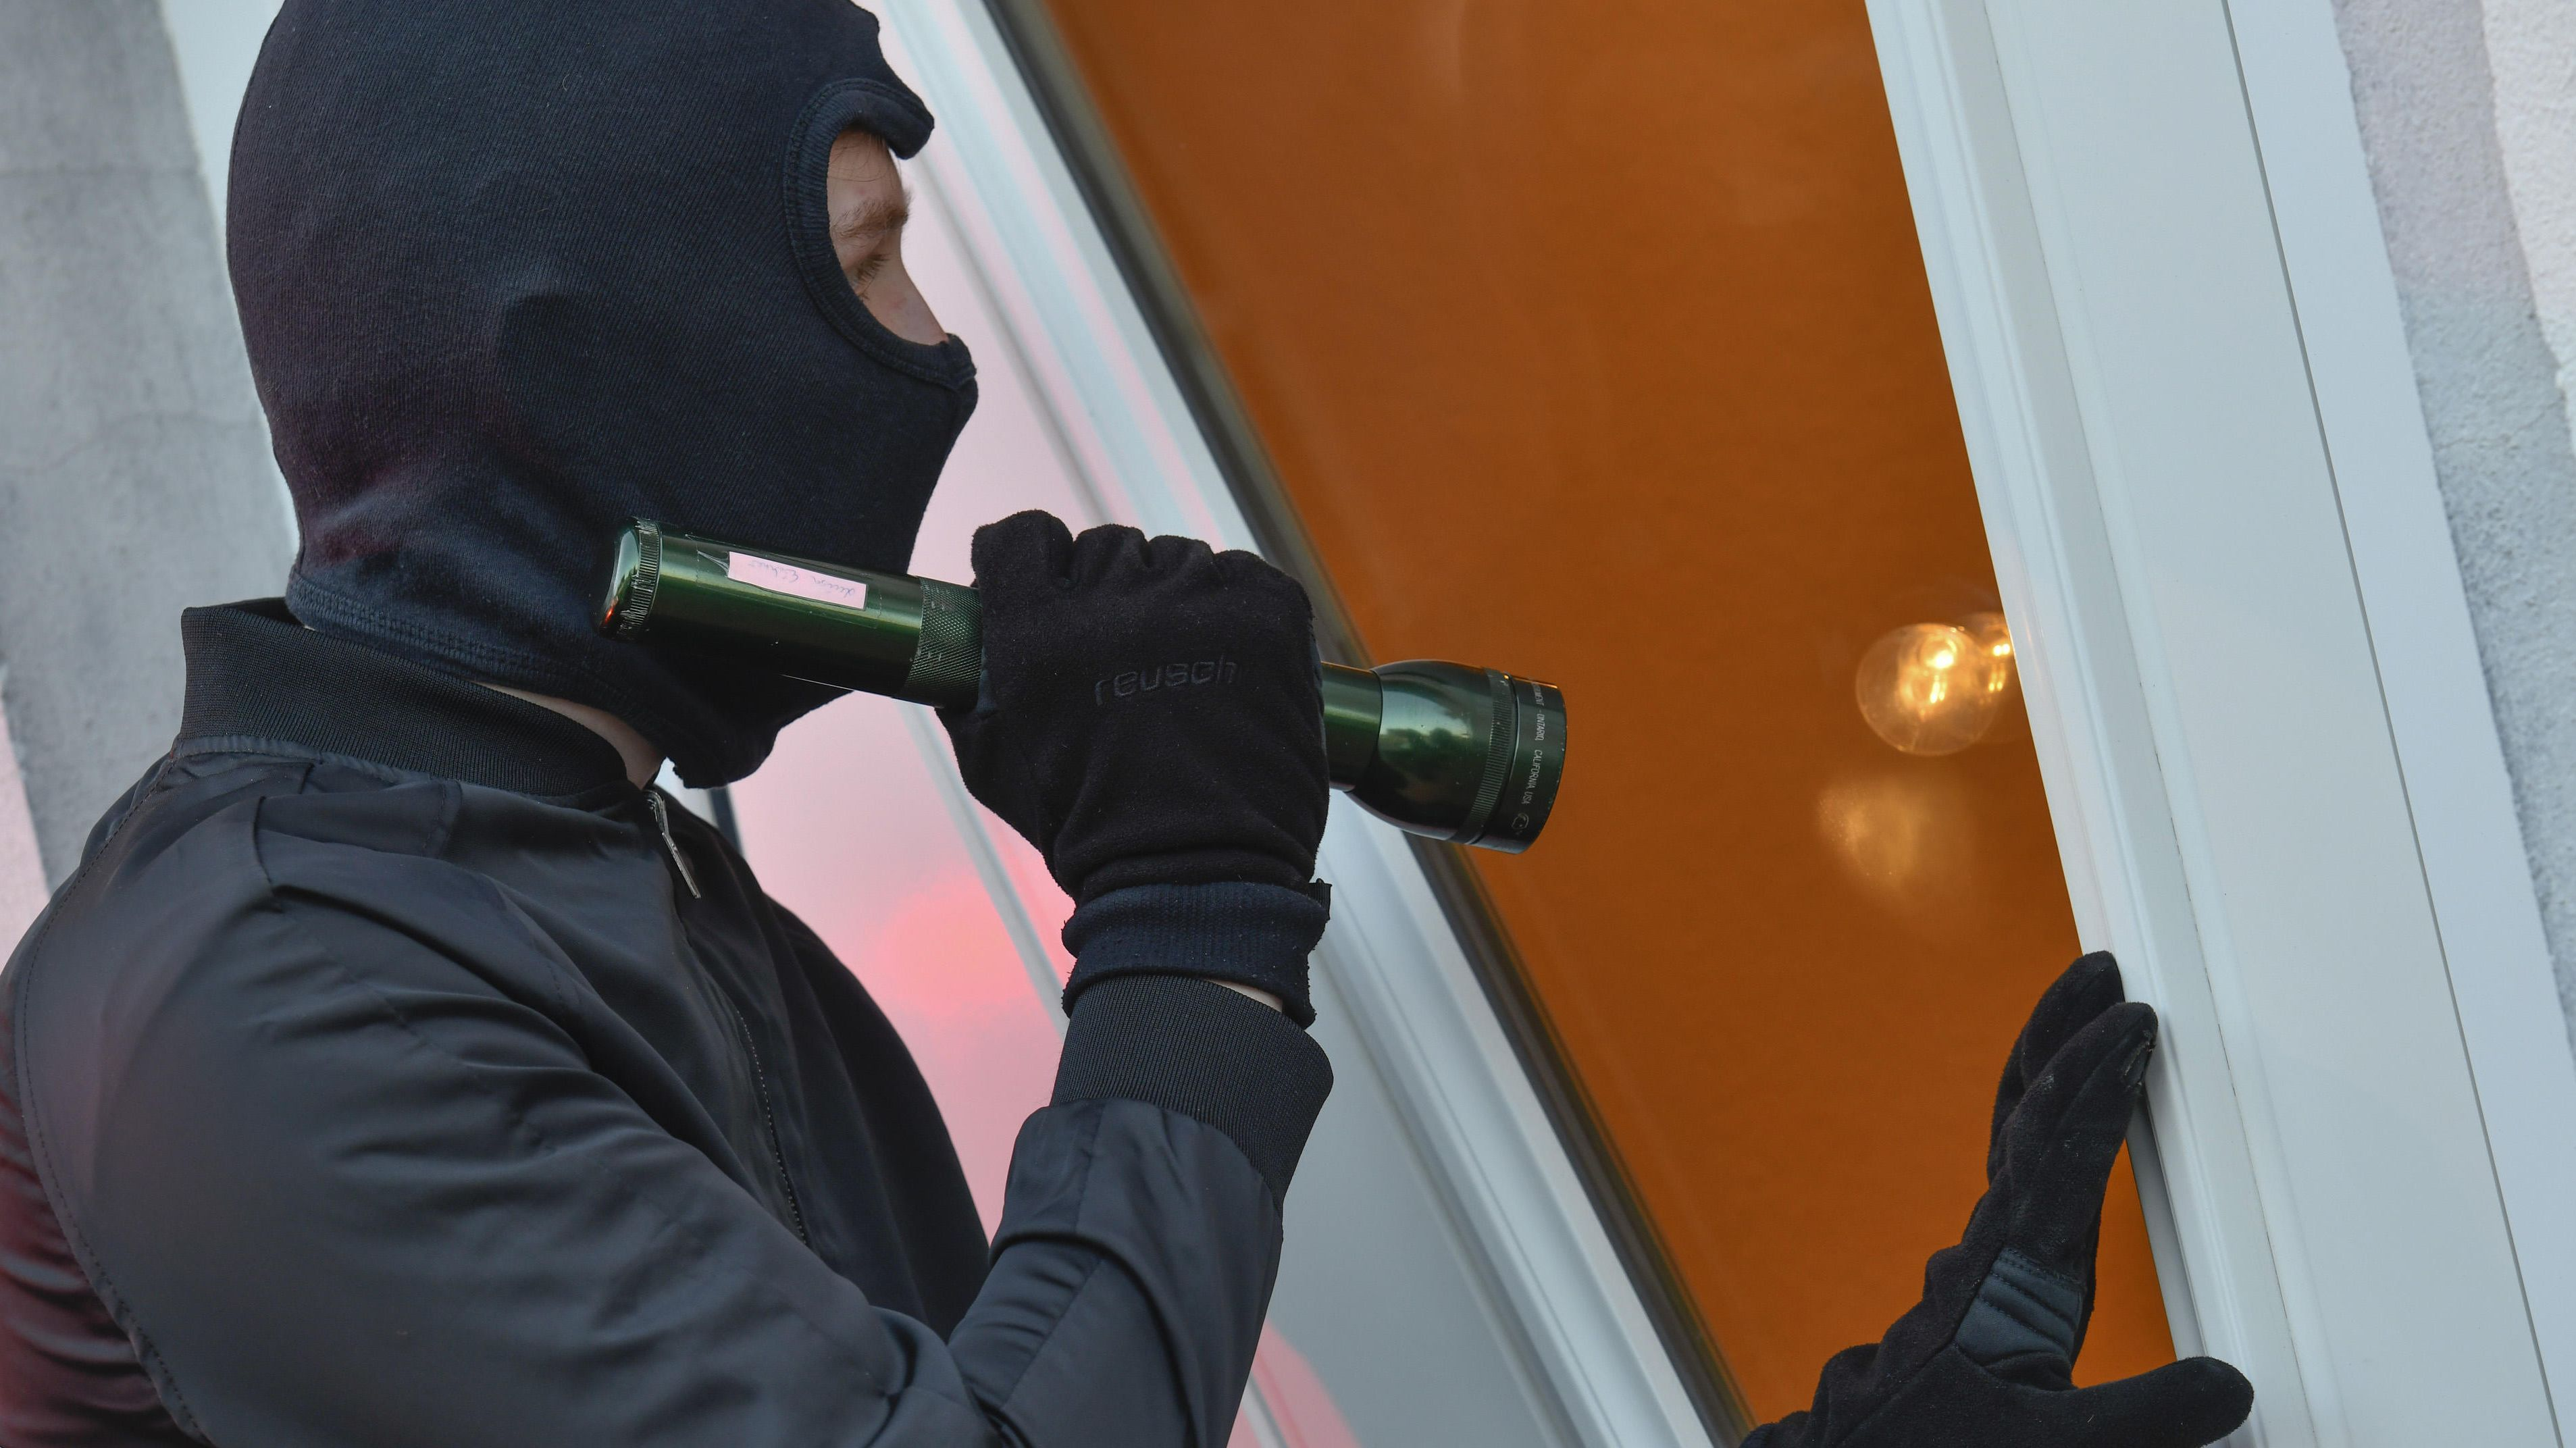 Ein maskierter Mann leuchtet mit einer Taschenlampe in eine Wohnung.